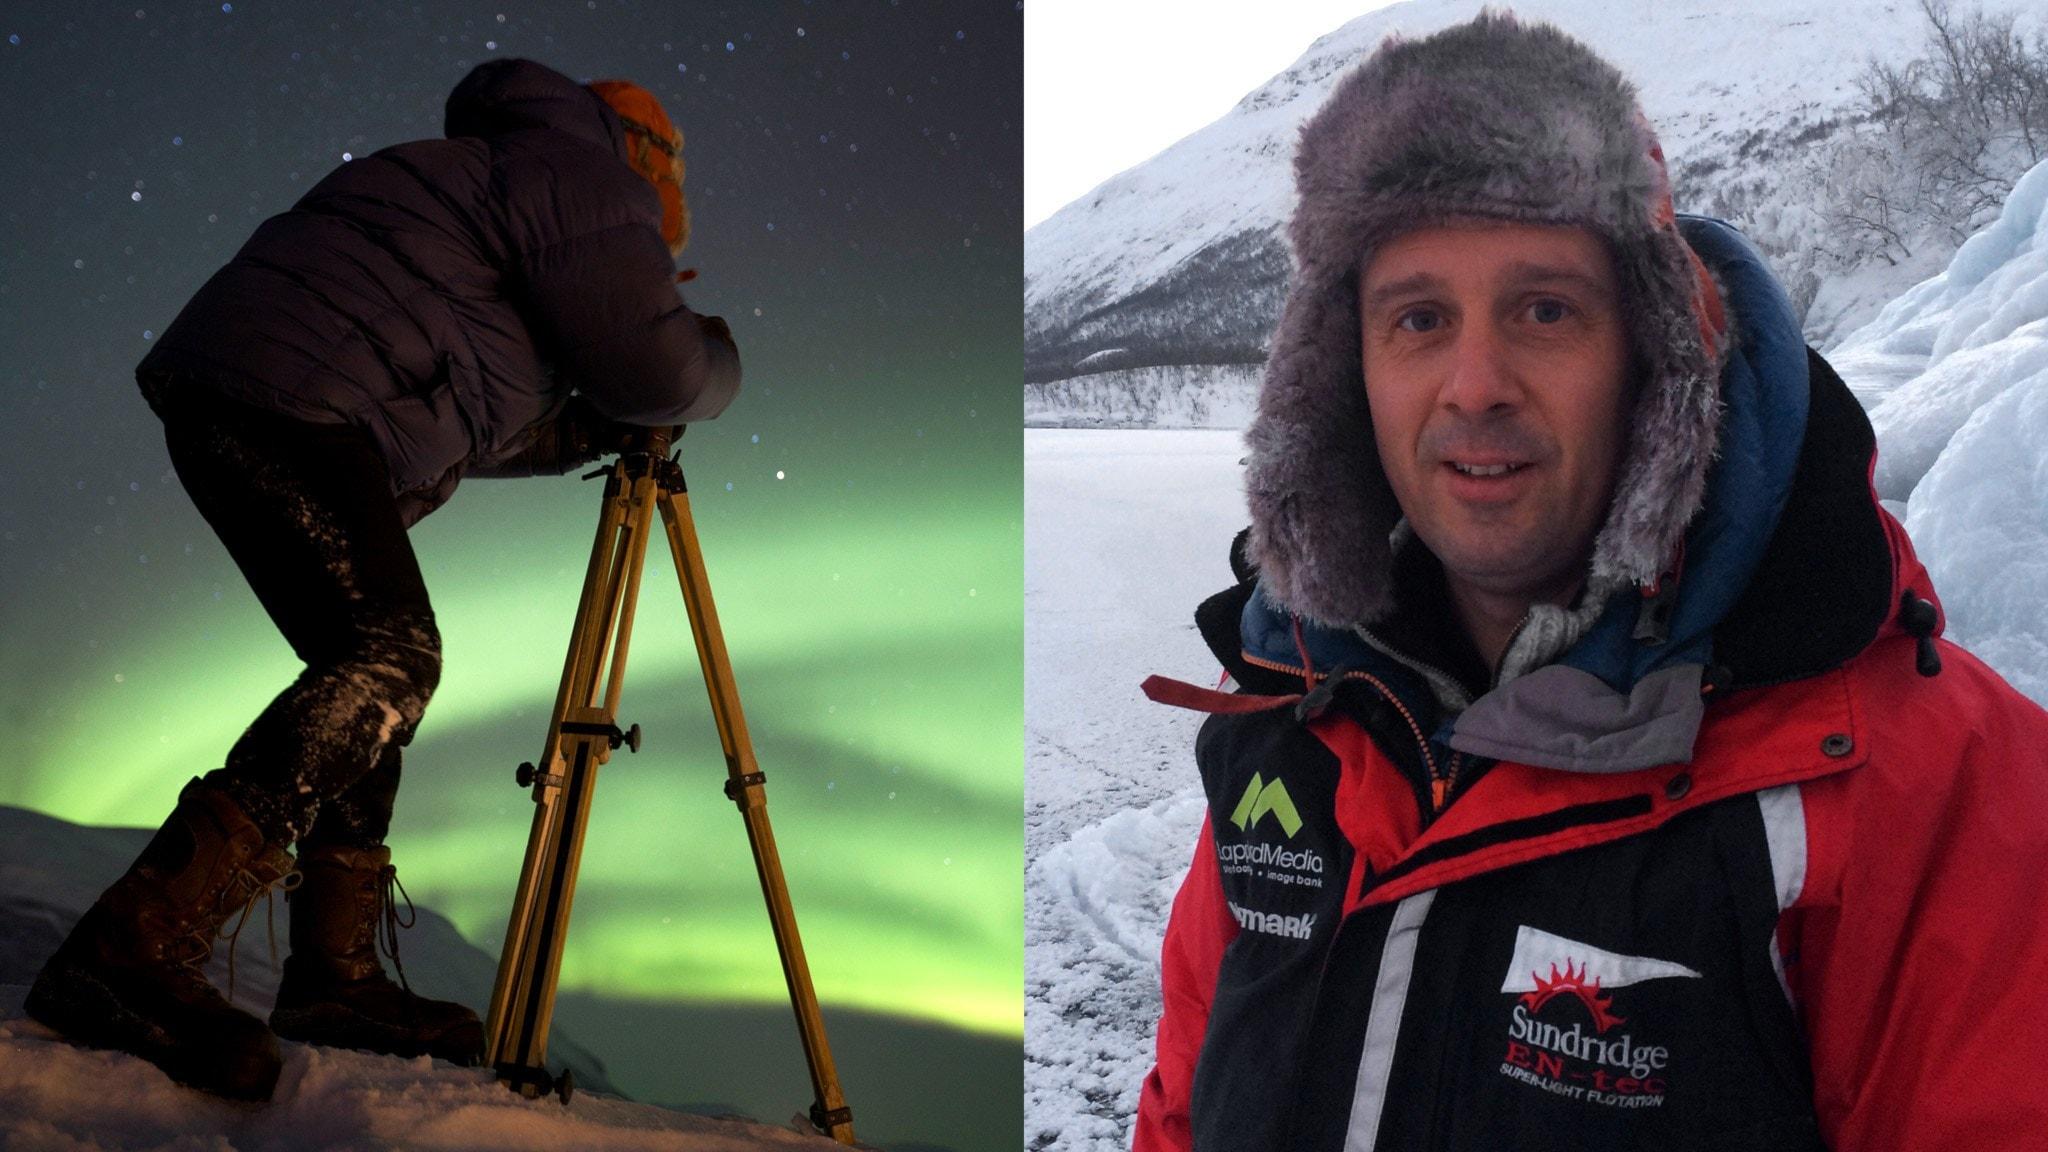 Om forskaren som blev fotograf och vilket vatten som går att dricka i naturen